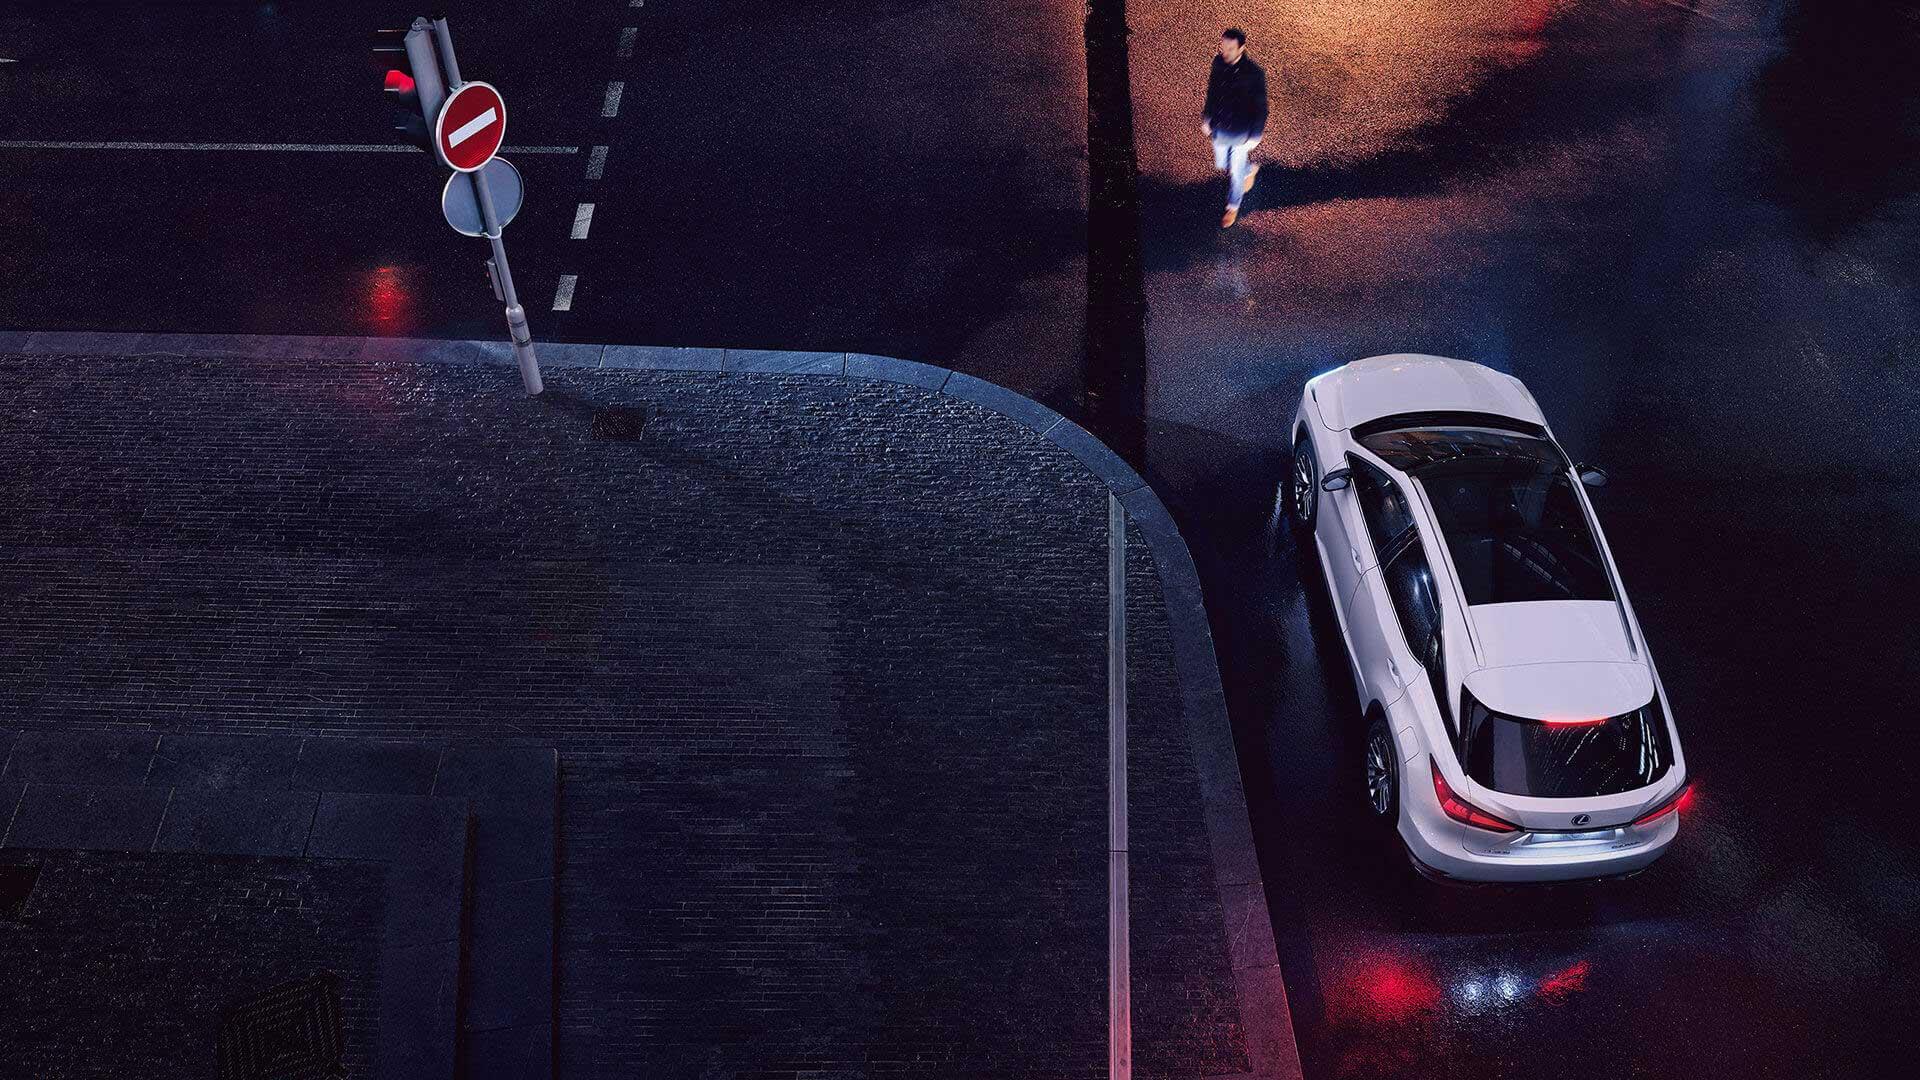 Lexus RX 450h Hybrid 2019 bei Nacht